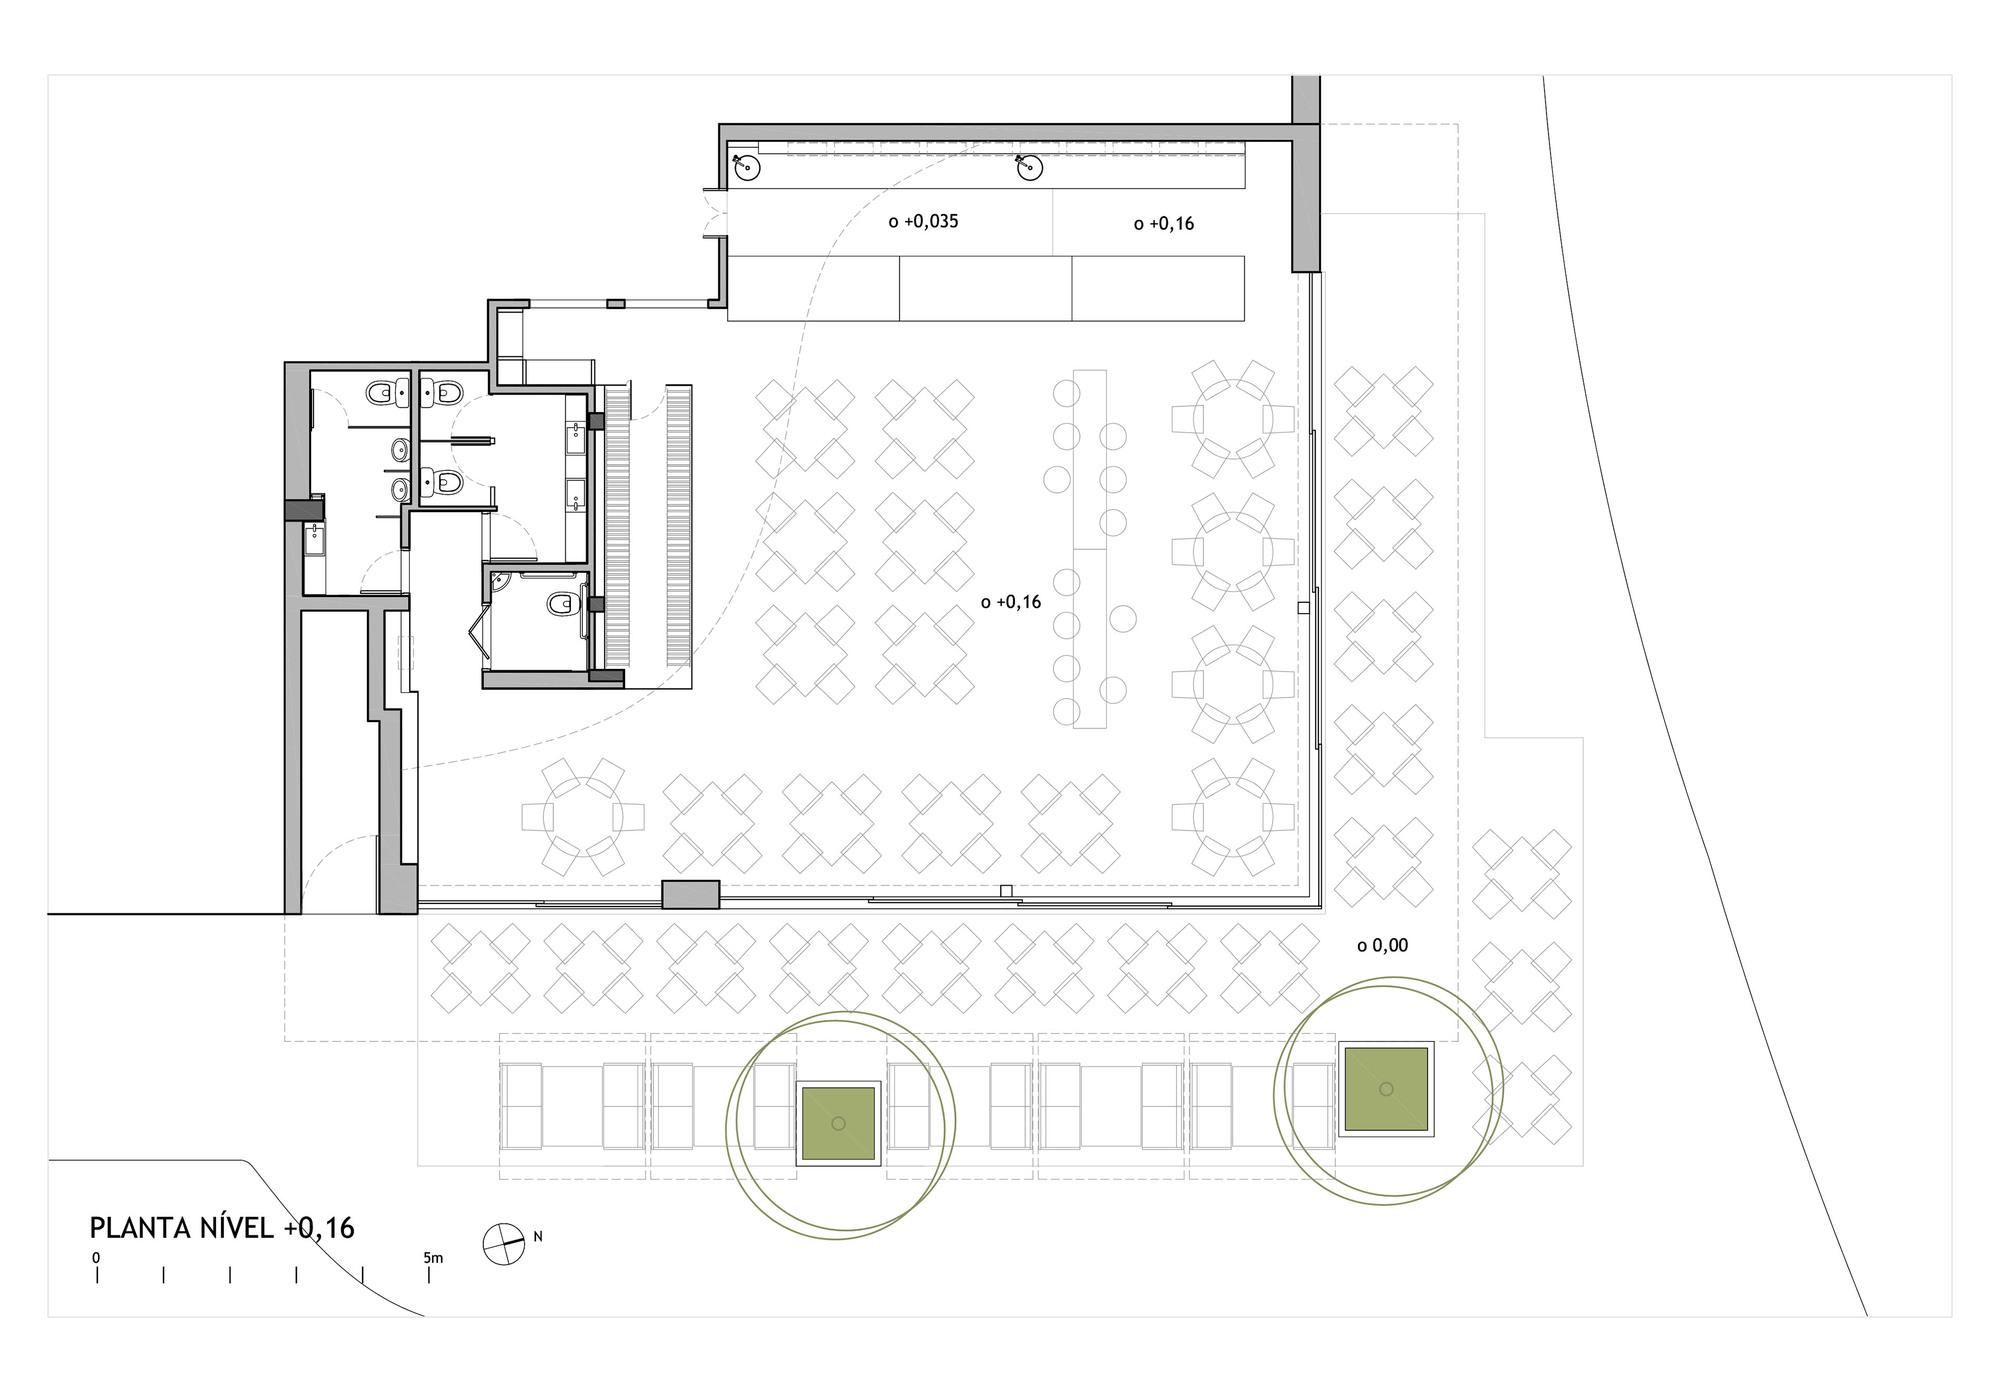 Salon Floor Plan Galeria De Restaurante Olga Nur Arquitetos Associados 9